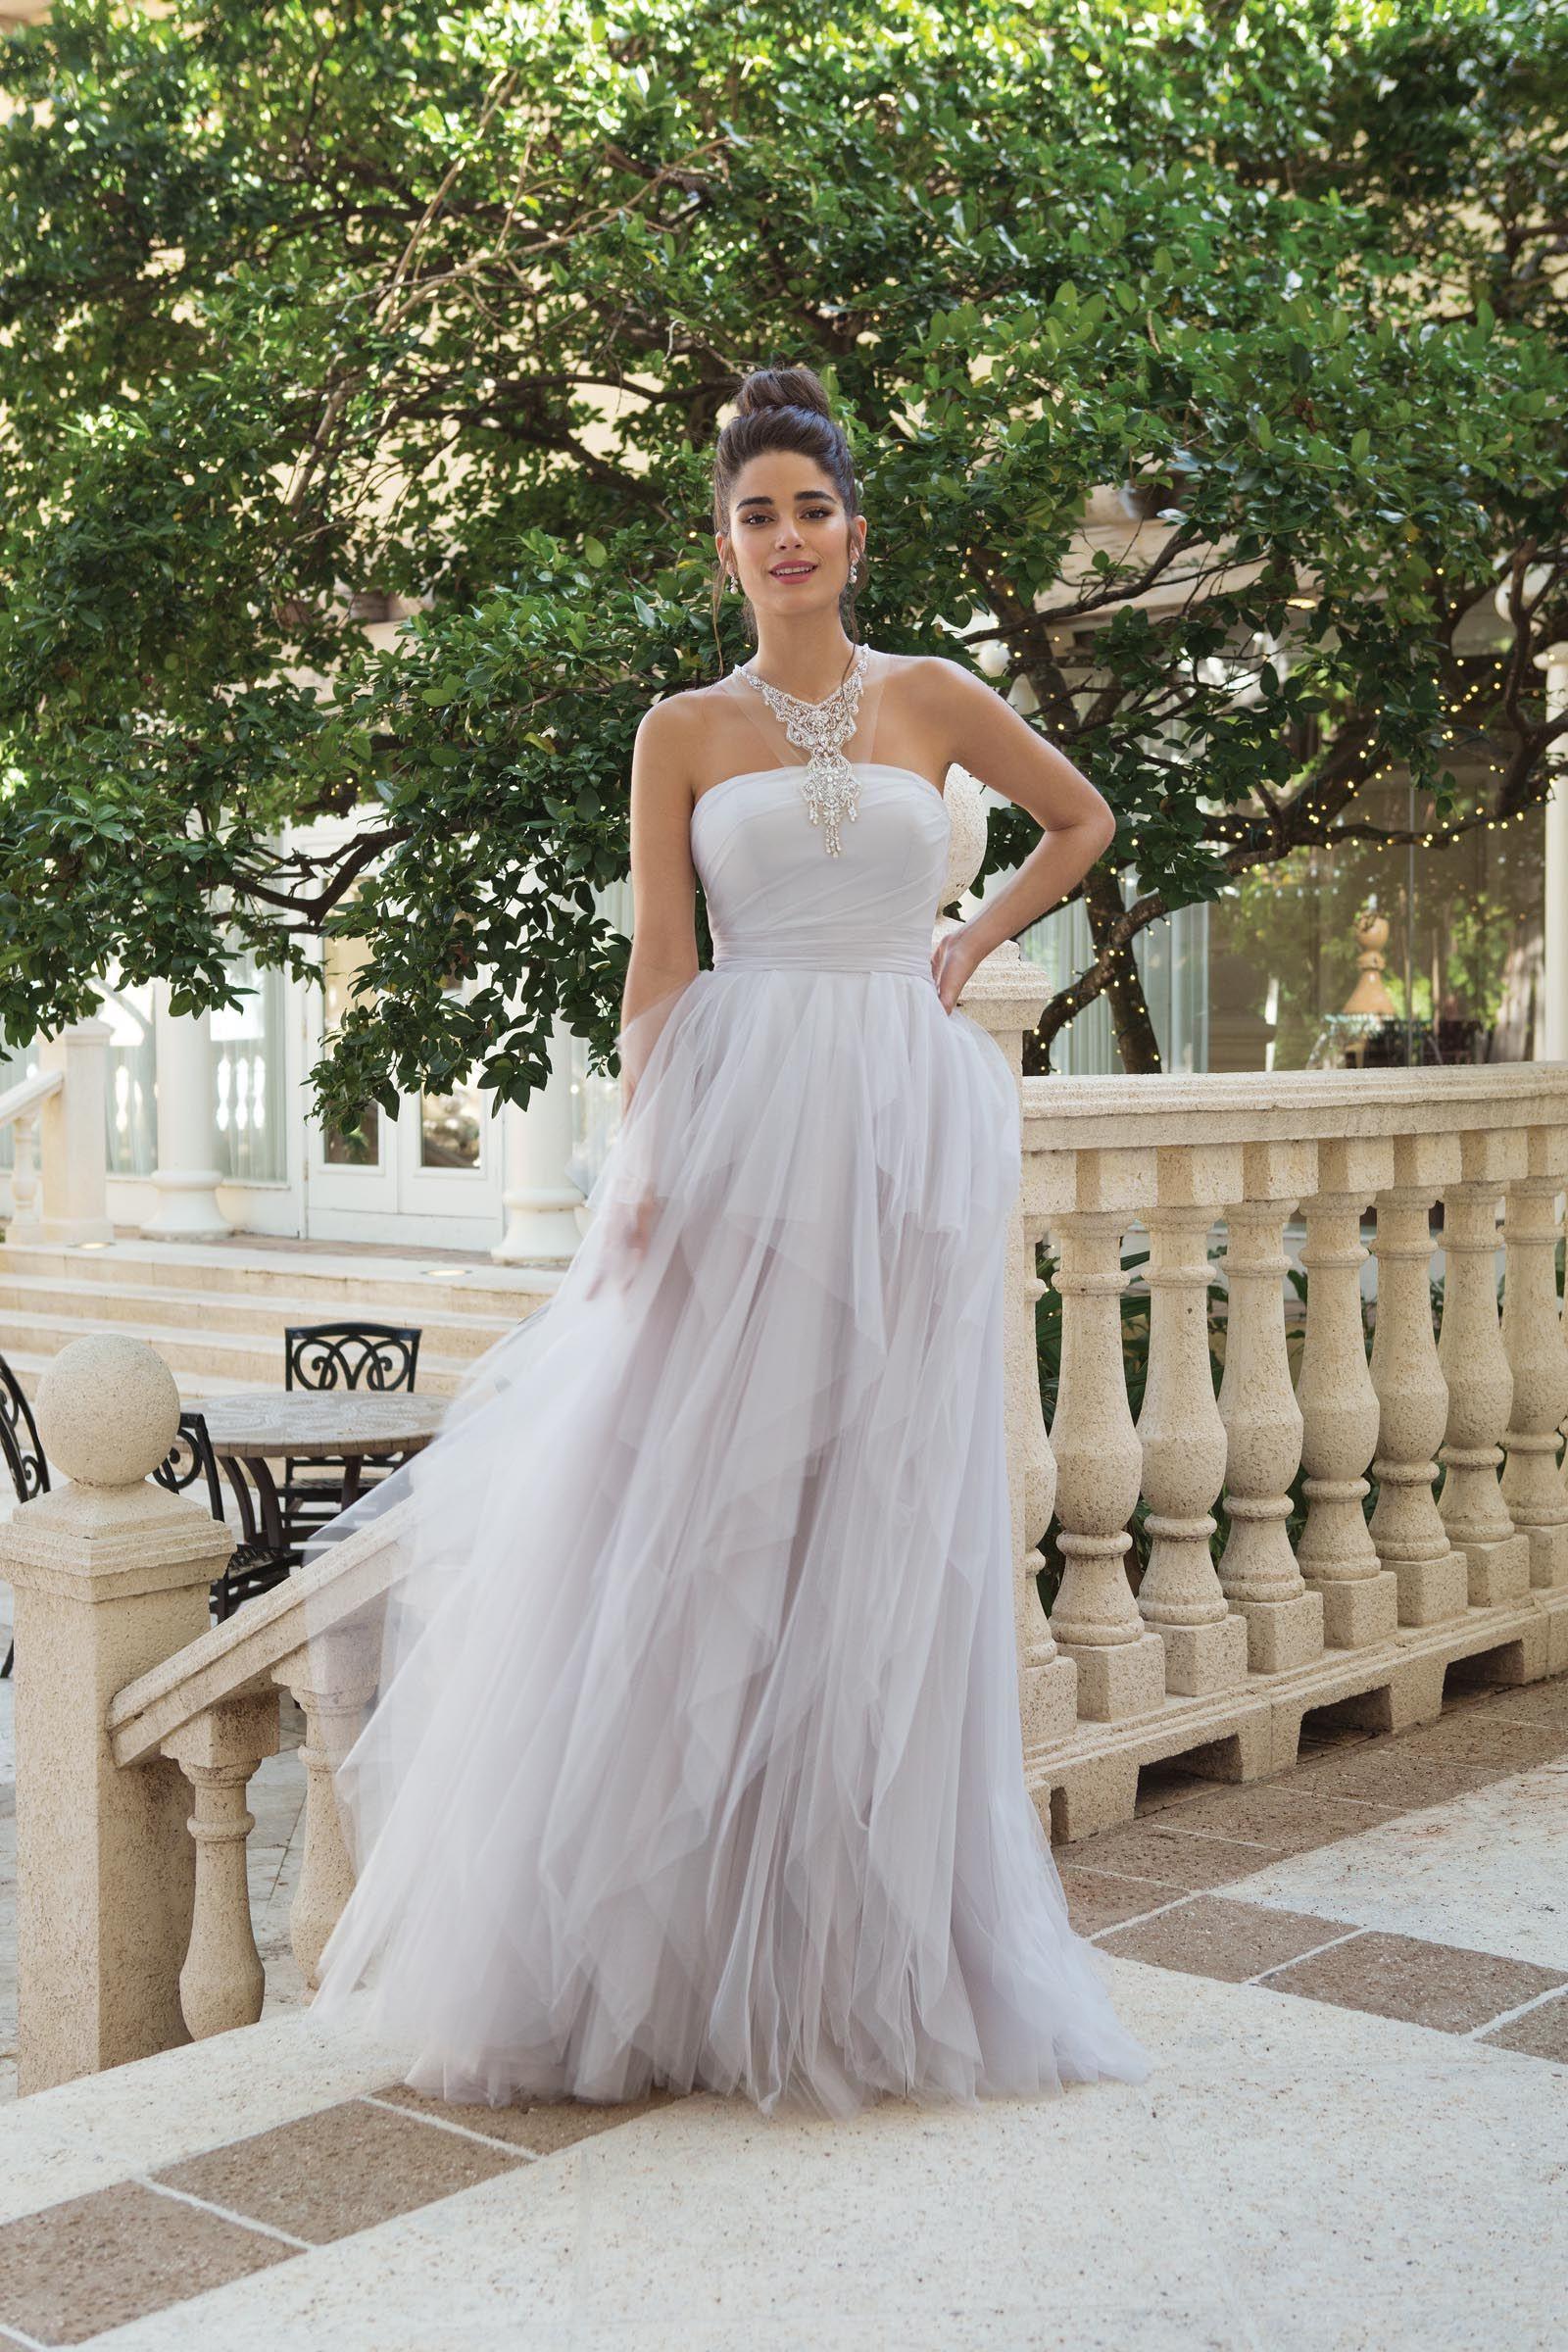 Brautkleid Mit Volants Und Neckholder In Lavendel Von